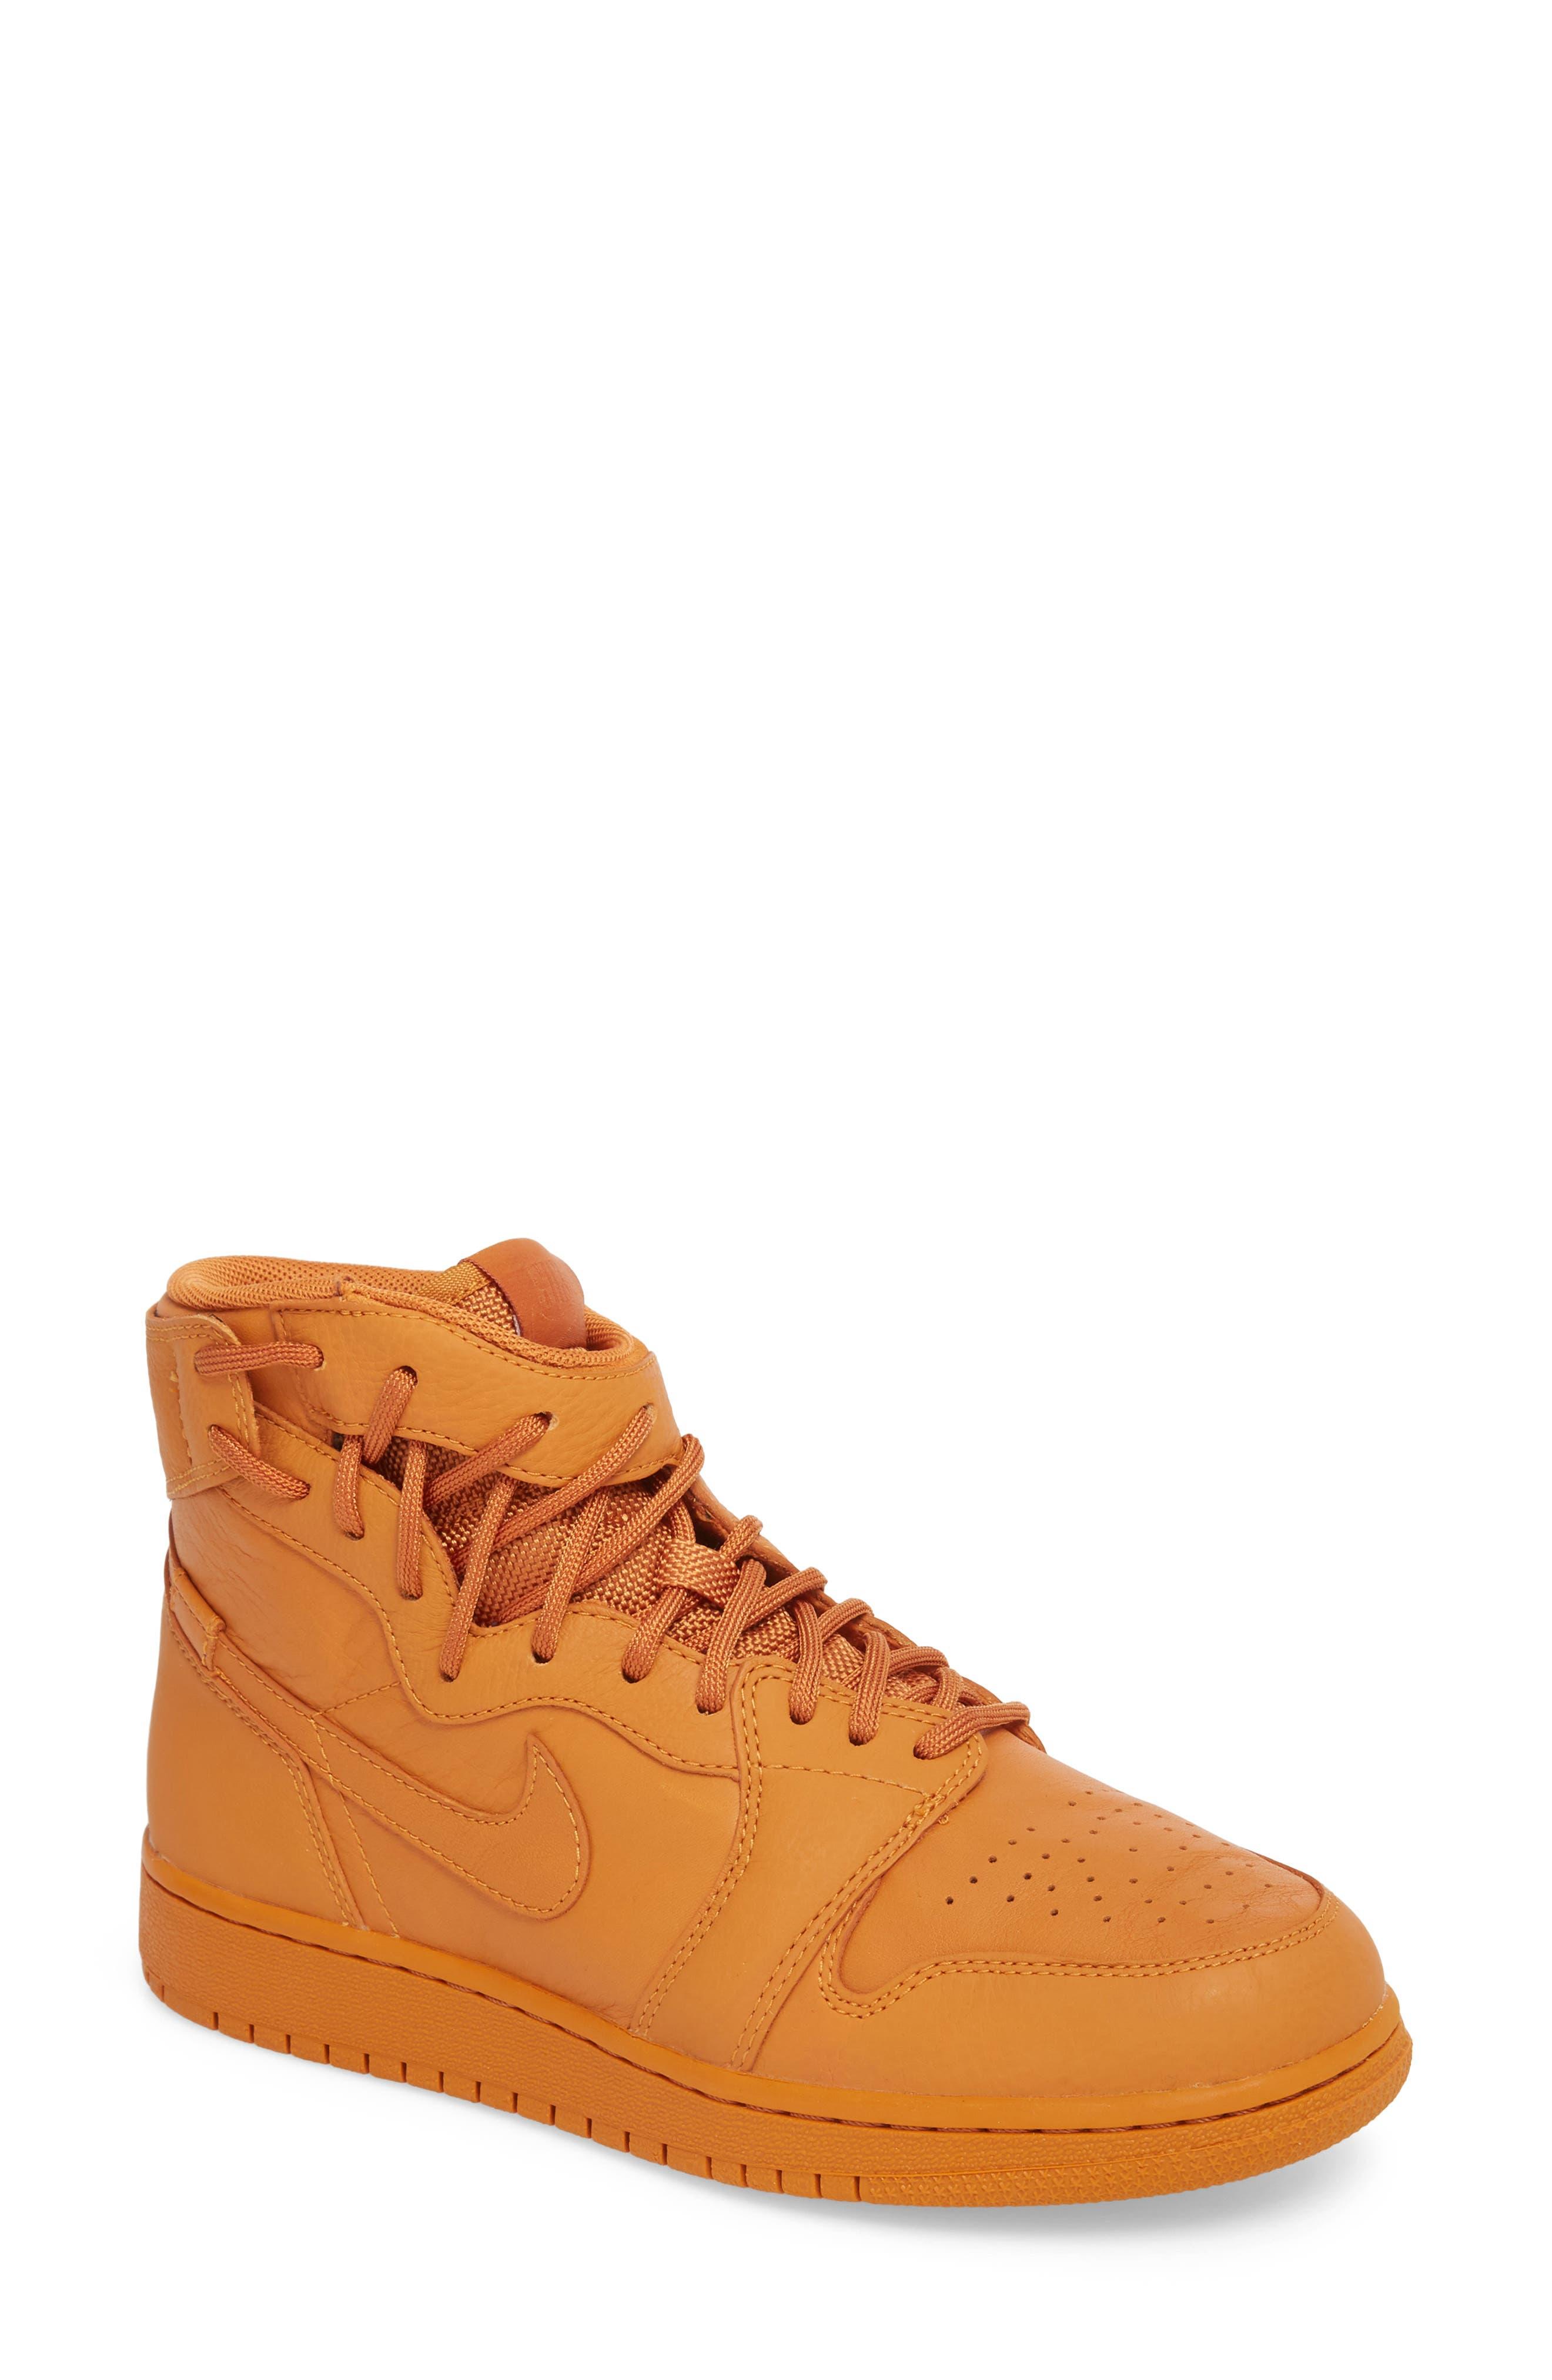 Air Jordan 1 Rebel XX High Top Sneaker,                             Main thumbnail 2, color,